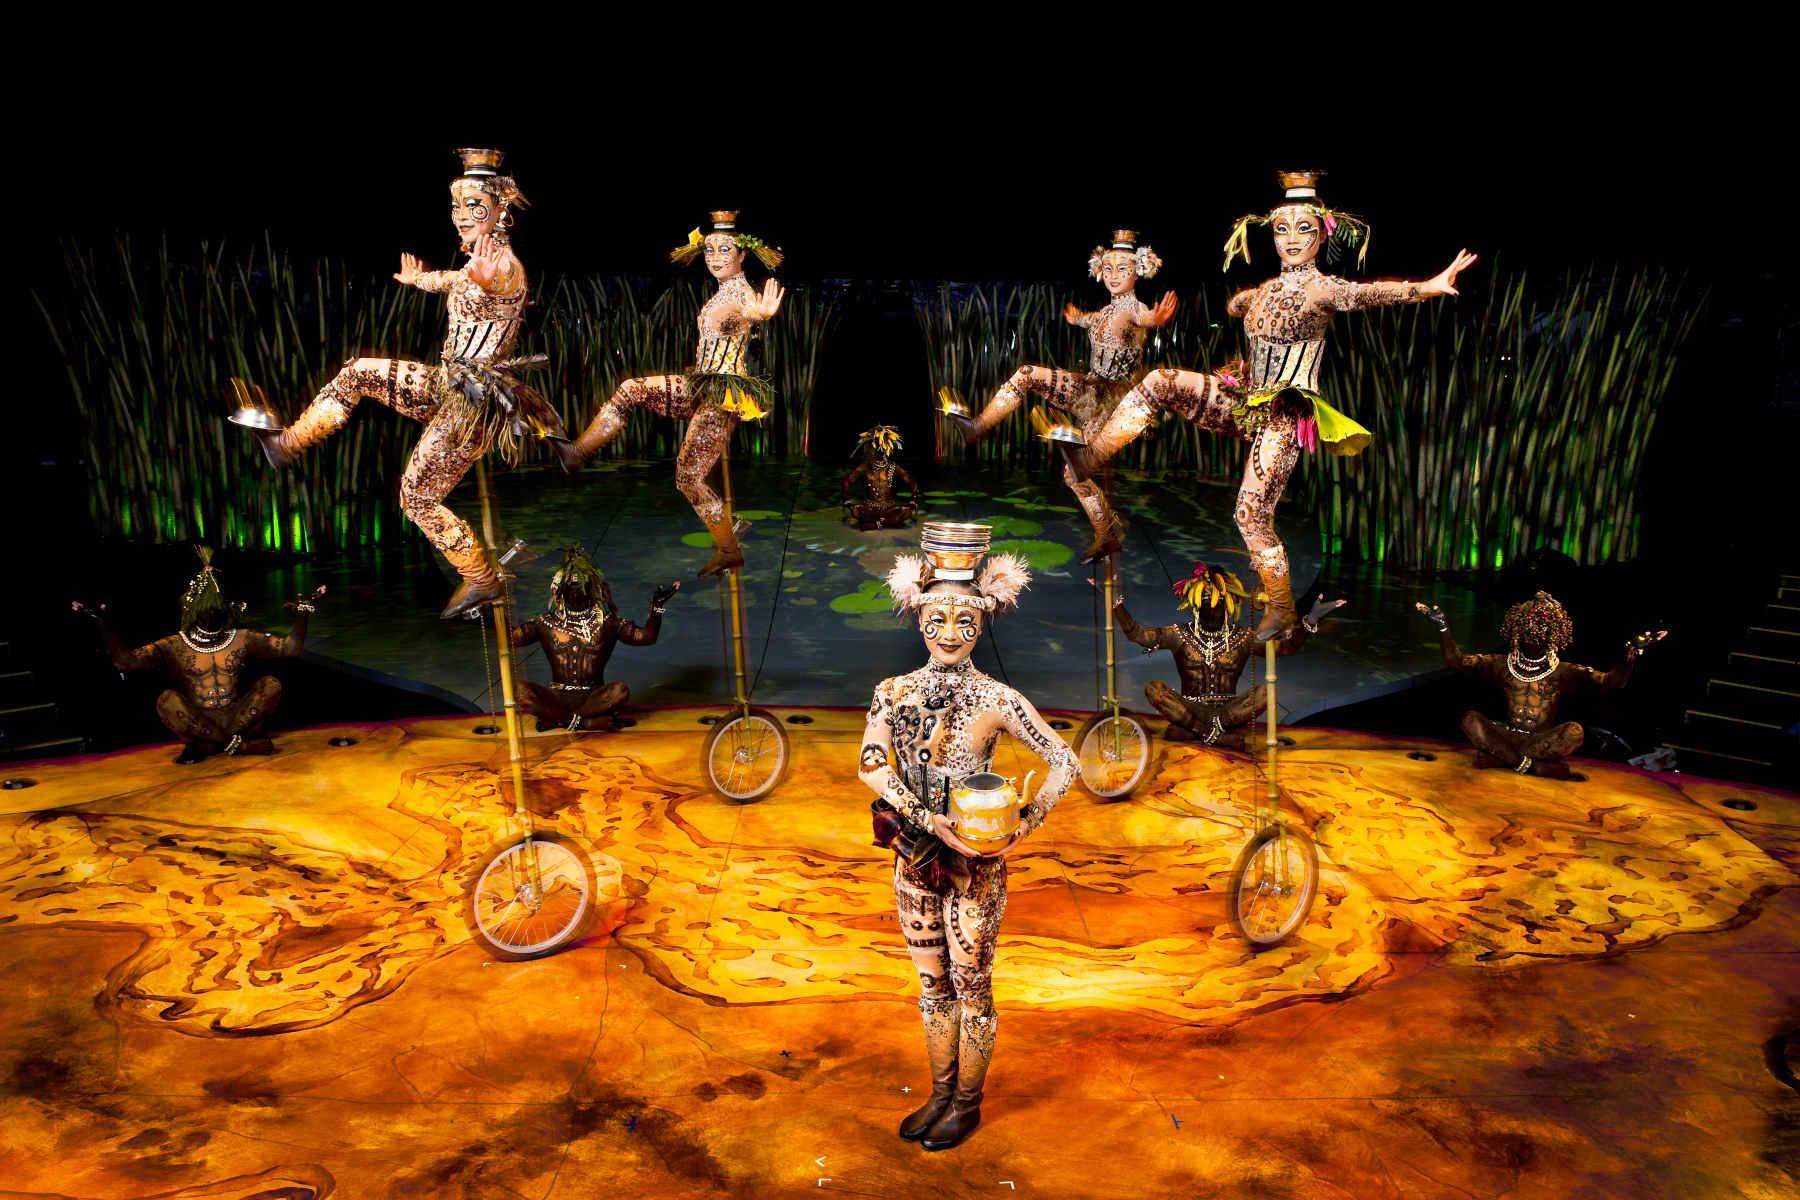 El circo del sol presenta su nuevo espect culo en madrid for Espectaculo circo de soleil